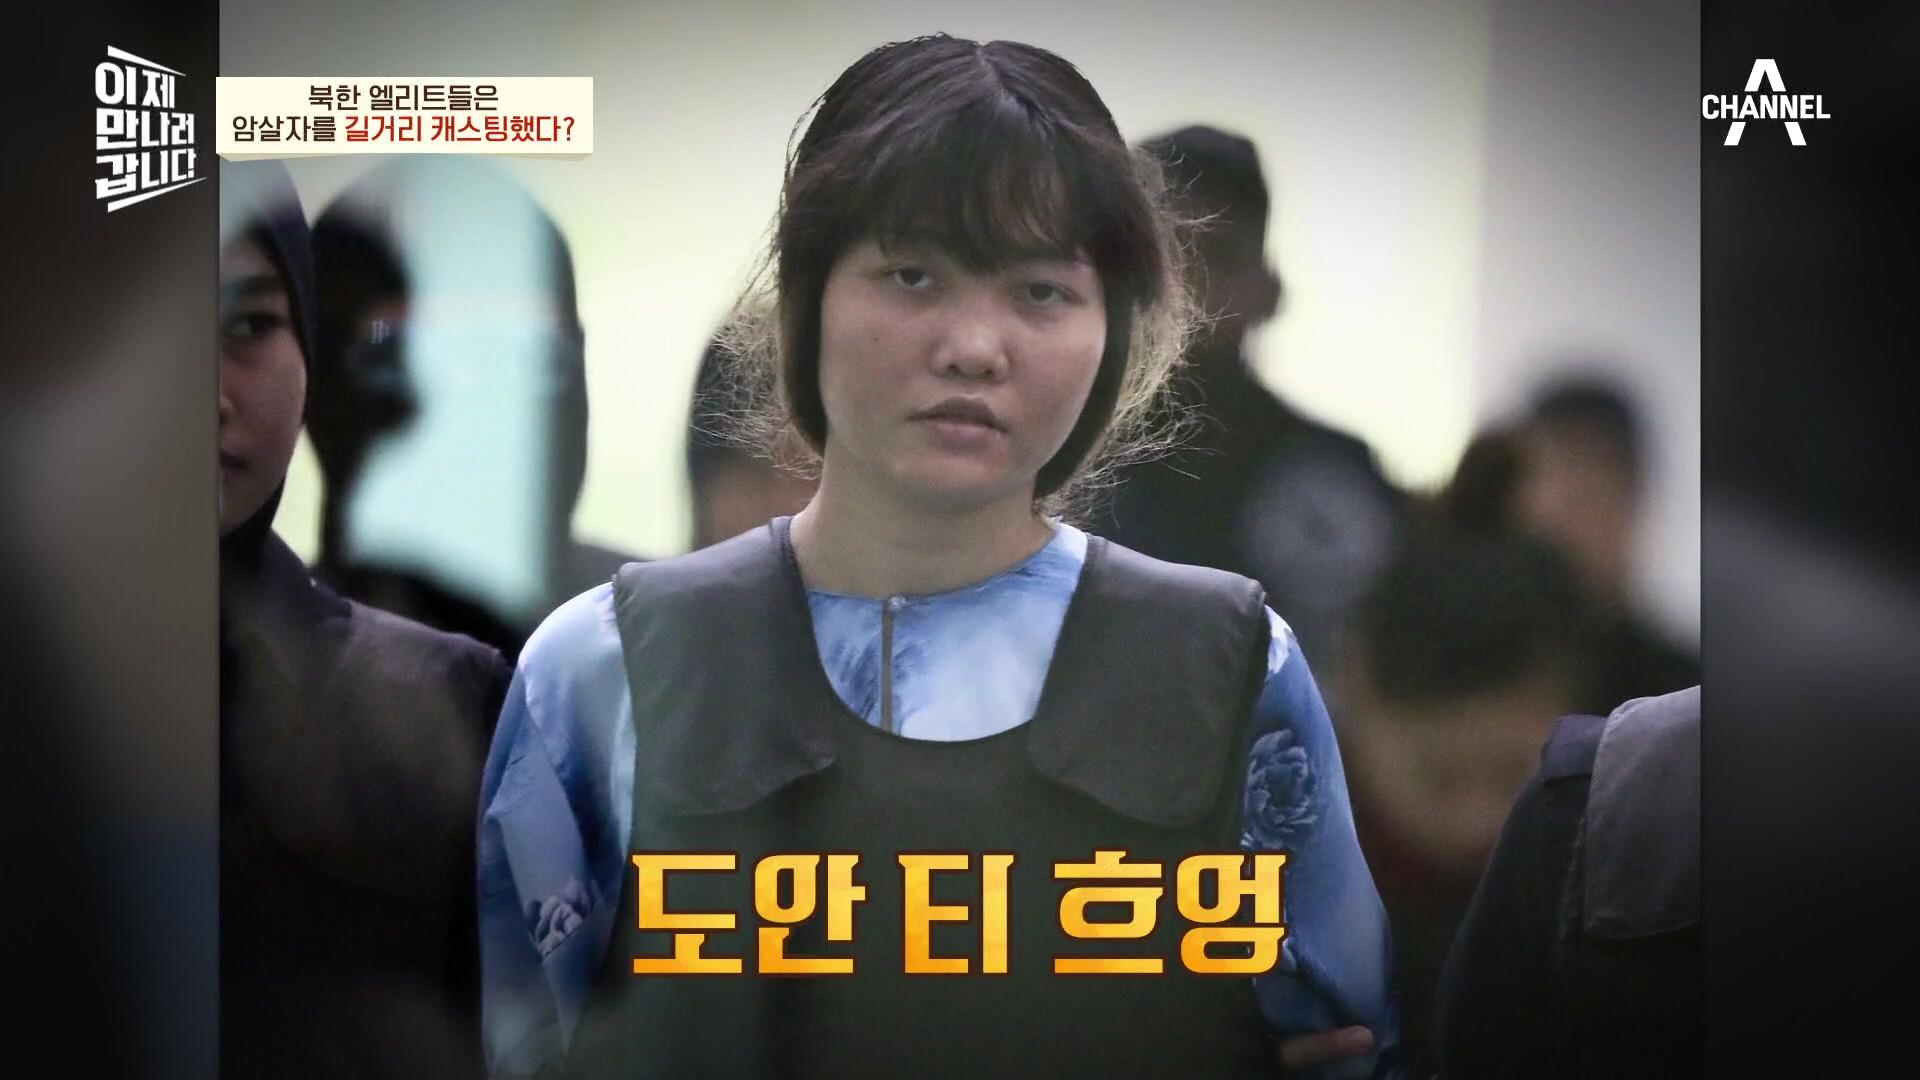 도안 티 흐엉, 북한 엘리트 리지현의 암살을 위한 길거....